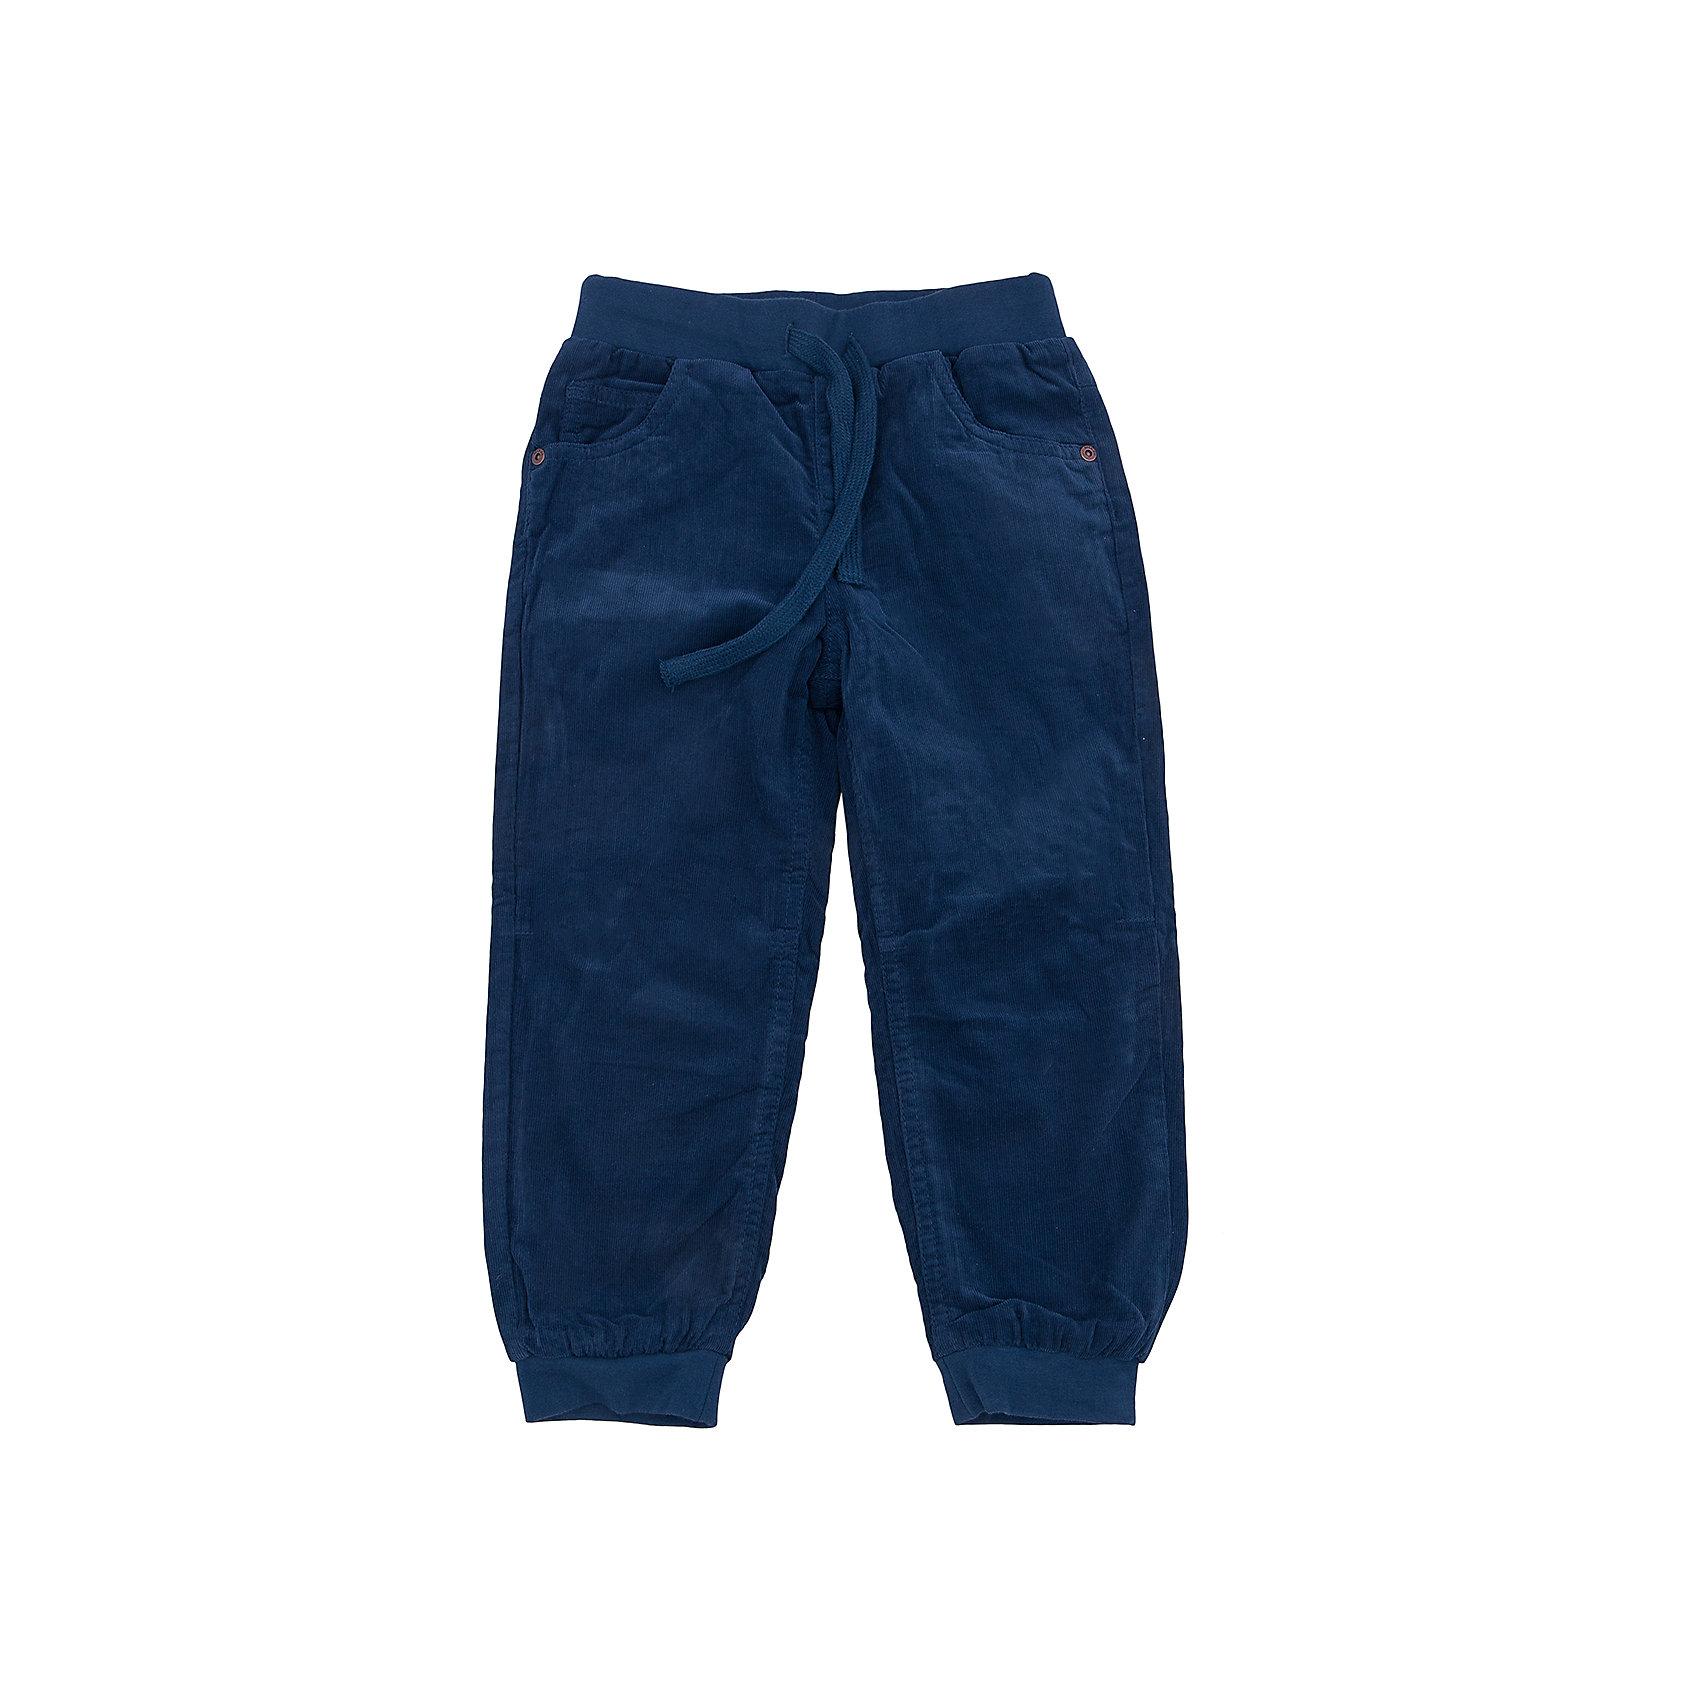 Брюки для мальчика SELAБрюки для мальчика SELA.<br><br>Характеристики:<br><br>• Цвет: синий.<br>• Материал: вельвет.<br>• Состав:100% хлопок.<br><br>Брюки для мальчика от признанного лидера по созданию коллекций одежды в стиле casual - SELA.<br>Стильные вельветовые брюки темно - синего цвета с подкладом из натурального хлопка. Модель на эластичном поясе с кулиской имеет два боковых кармана, два накладных кармашка сзади, мягкие манжеты-резинки по низу. В таких брючках ваш мальчик будет выглядеть стильно и модно! <br><br>Брюки для мальчика SELA, можно купить в нашем интернет- магазине.<br><br>Ширина мм: 215<br>Глубина мм: 88<br>Высота мм: 191<br>Вес г: 336<br>Цвет: синий<br>Возраст от месяцев: 48<br>Возраст до месяцев: 60<br>Пол: Мужской<br>Возраст: Детский<br>Размер: 110,104,98,92,116<br>SKU: 5078974